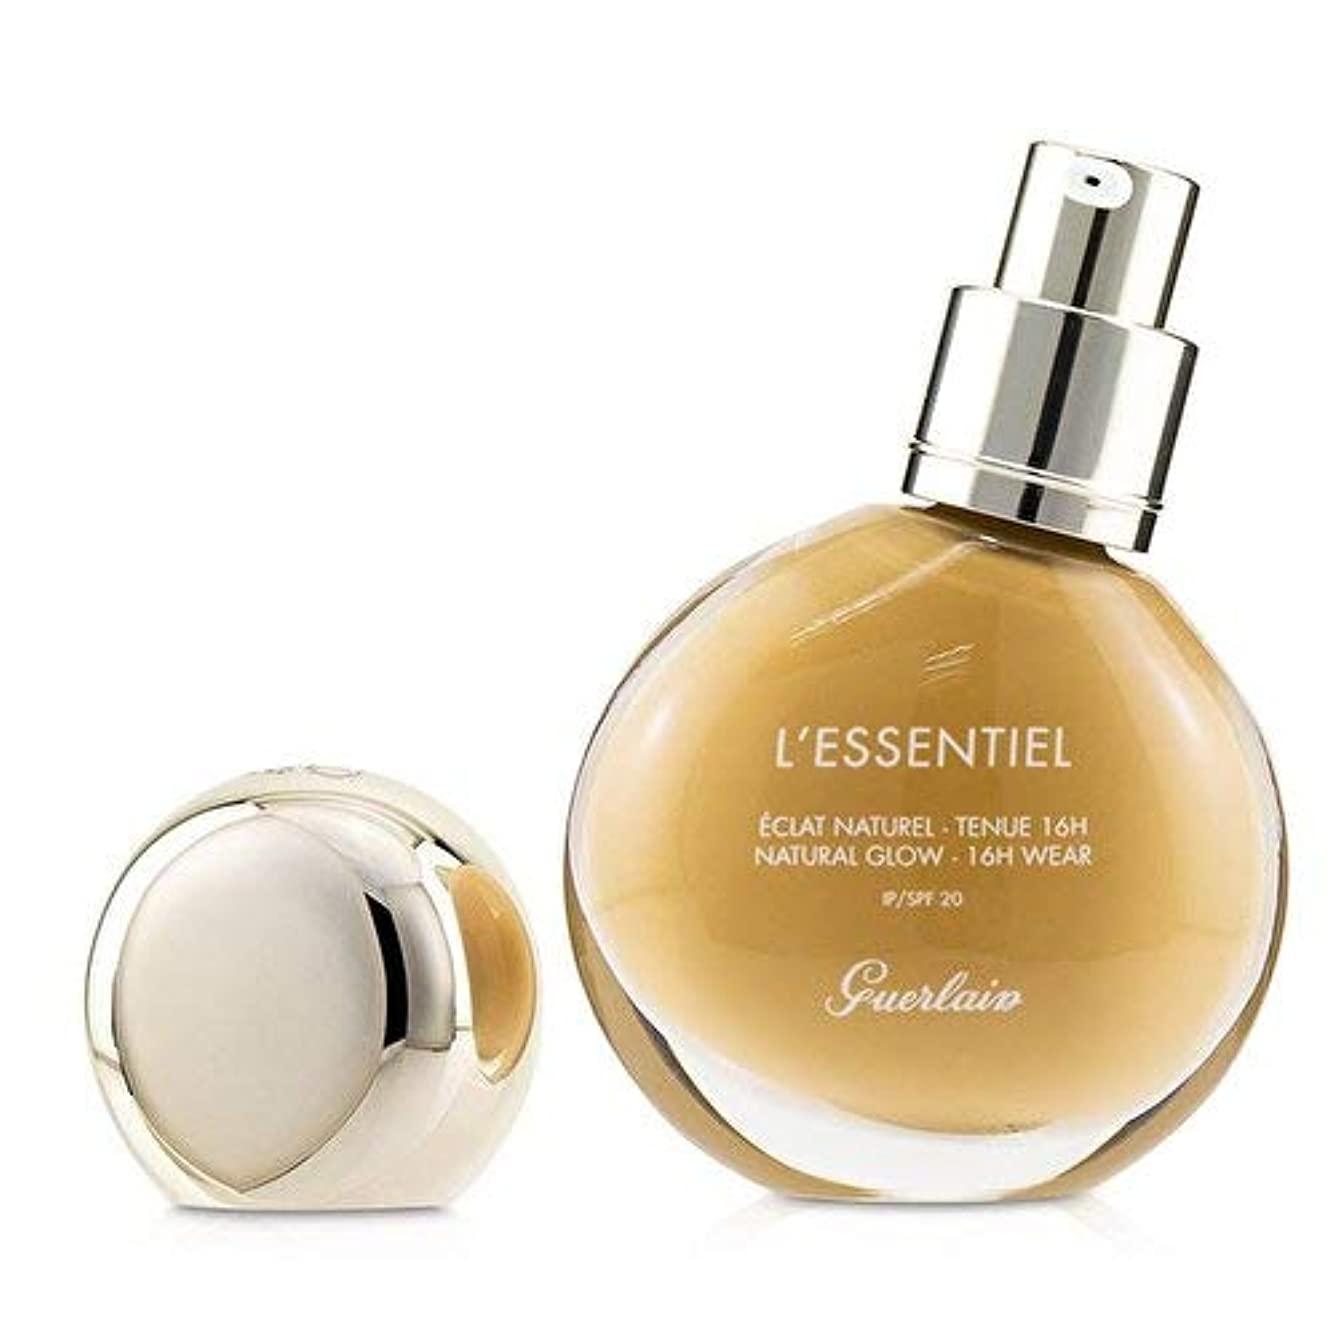 文字東麻痺させるゲラン L'Essentiel Natural Glow Foundation 16H Wear SPF 20 - # 045W Amber Warm 30ml/1oz並行輸入品